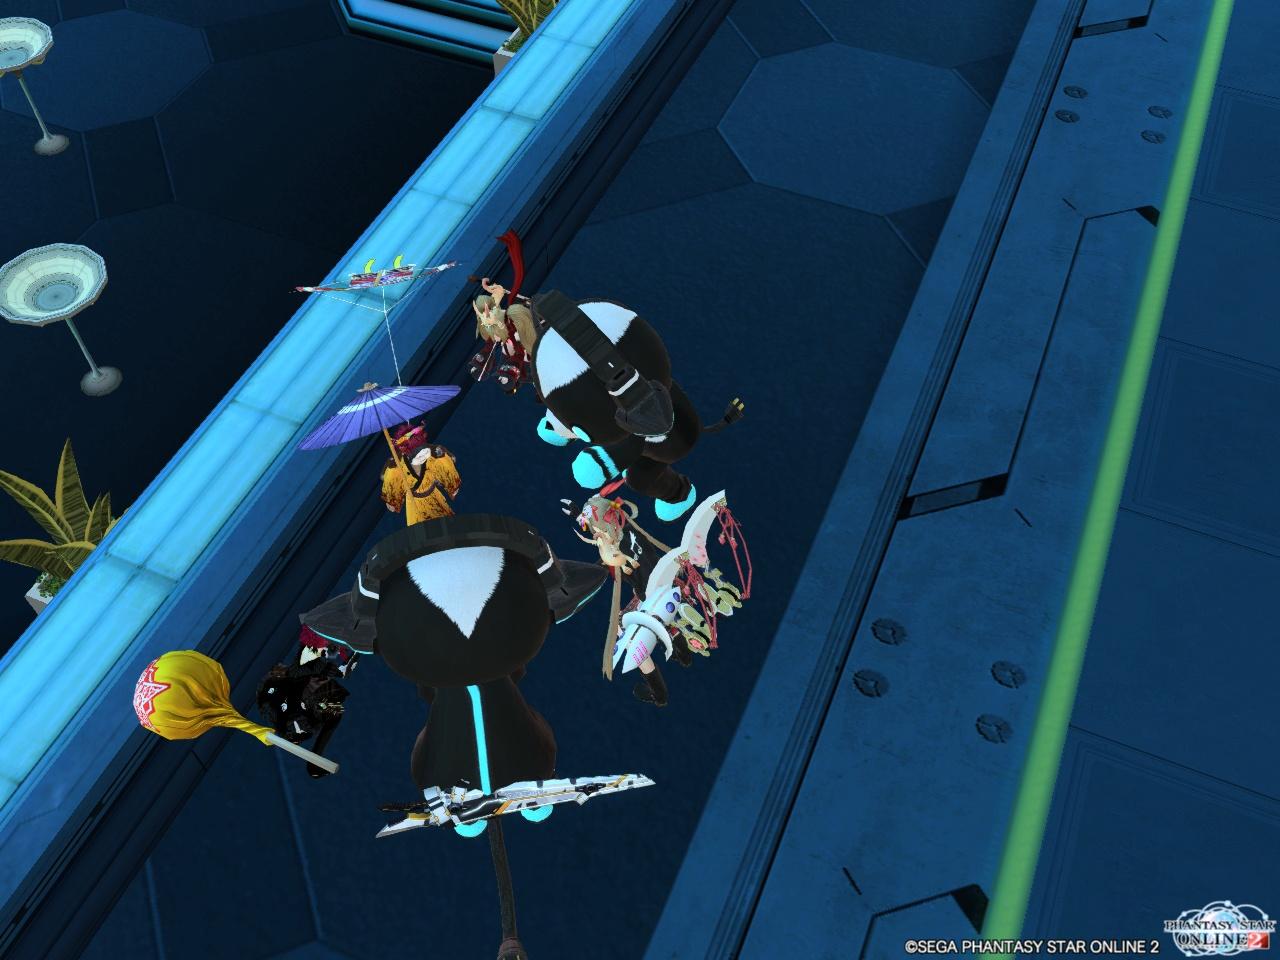 【船4】みら、変な人(アイオ)を囲む